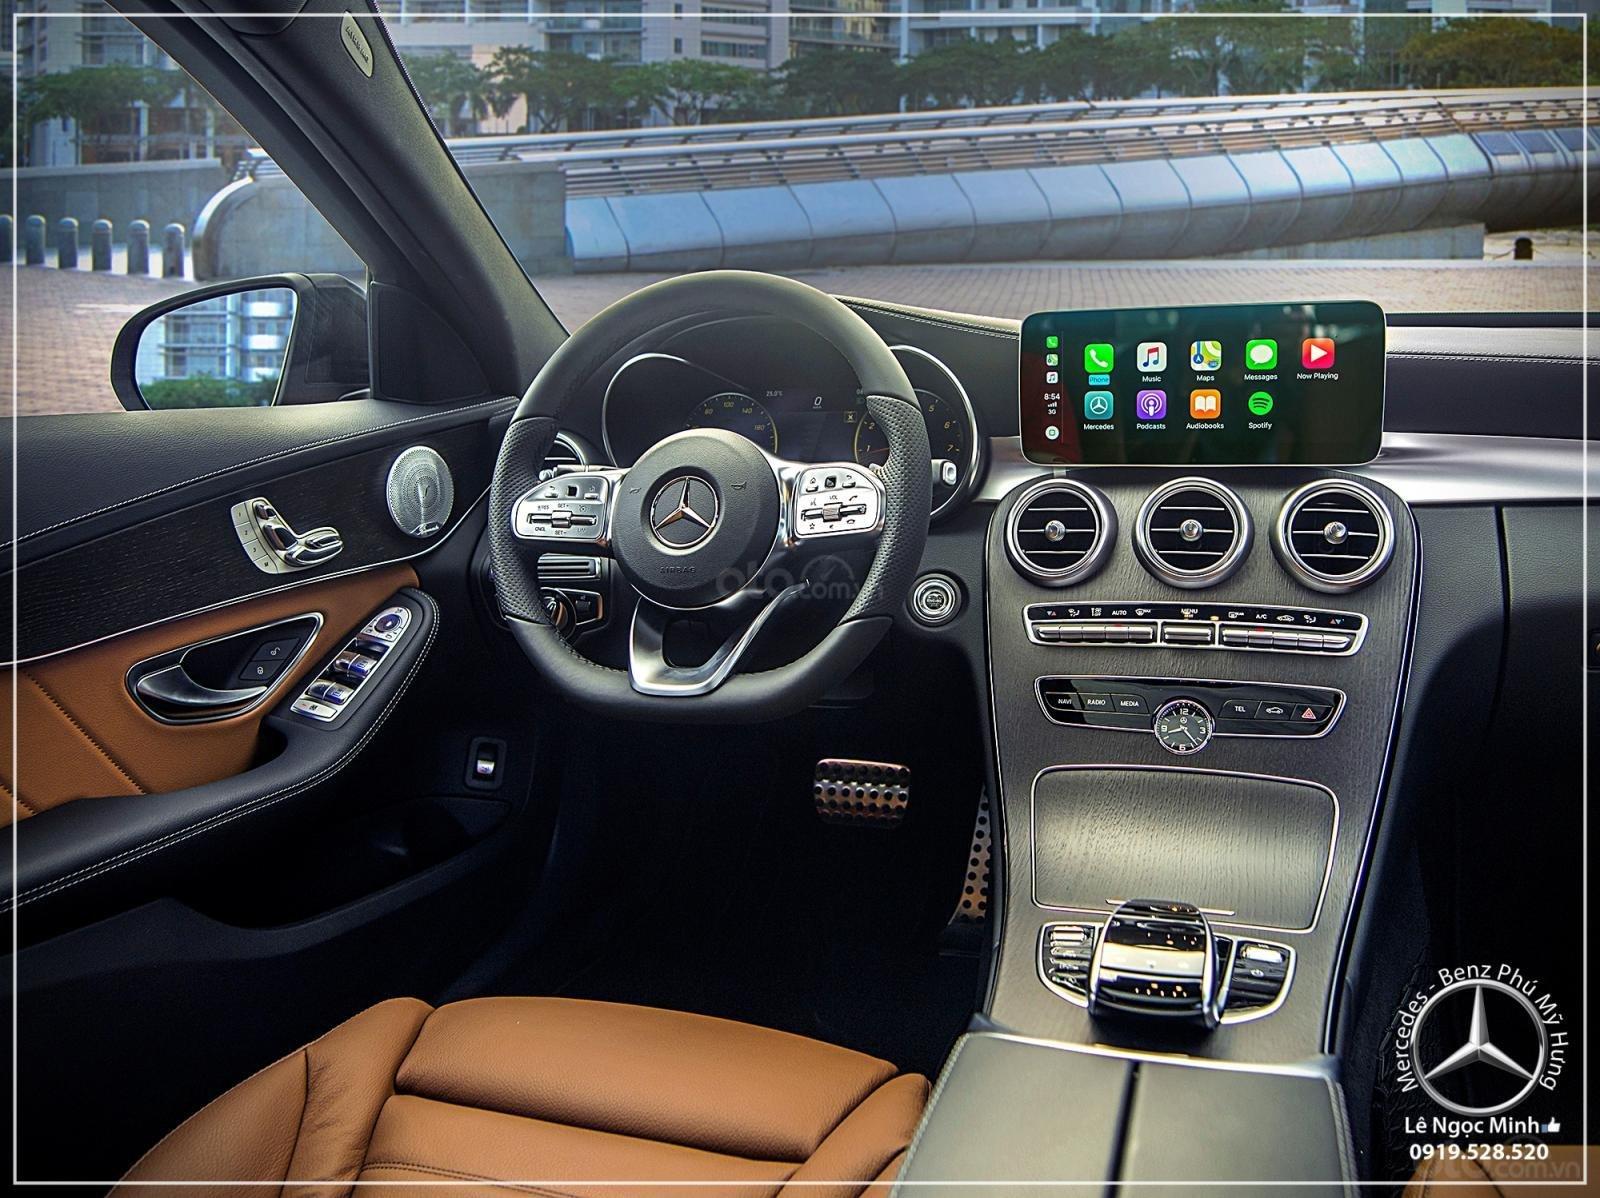 Mercedes-Benz C300 AMG Model 2020 - Ưu đãi đến 100% thuế trước bạ - hỗ trợ bank 80%, LH: 0919 528 520 (4)